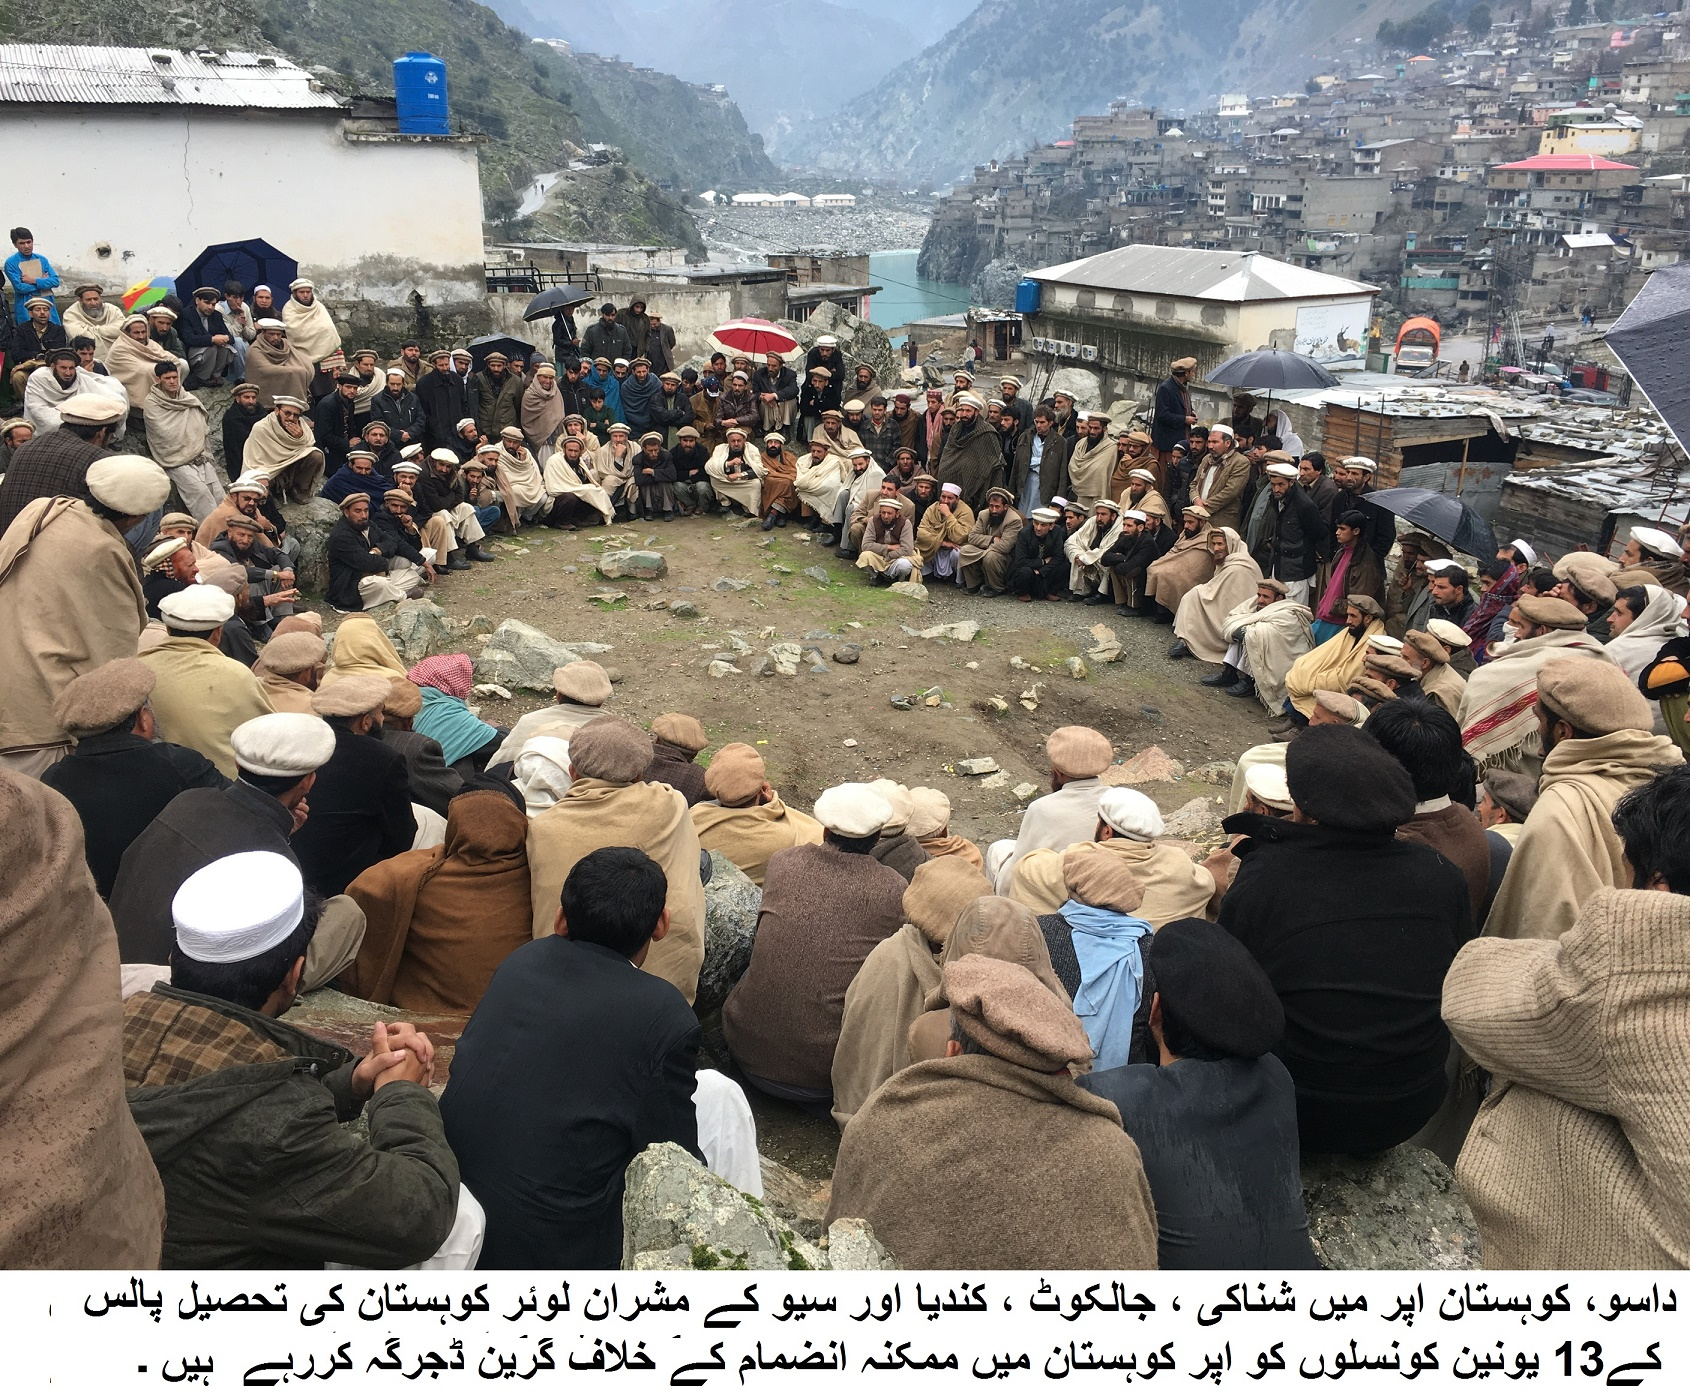 تحصیل پالس کے تیرہ یونین کونسلوں سمیت کسی بھی علاقے کو اپر کوہستان میں شامل کرنے کی شدید مخالفت